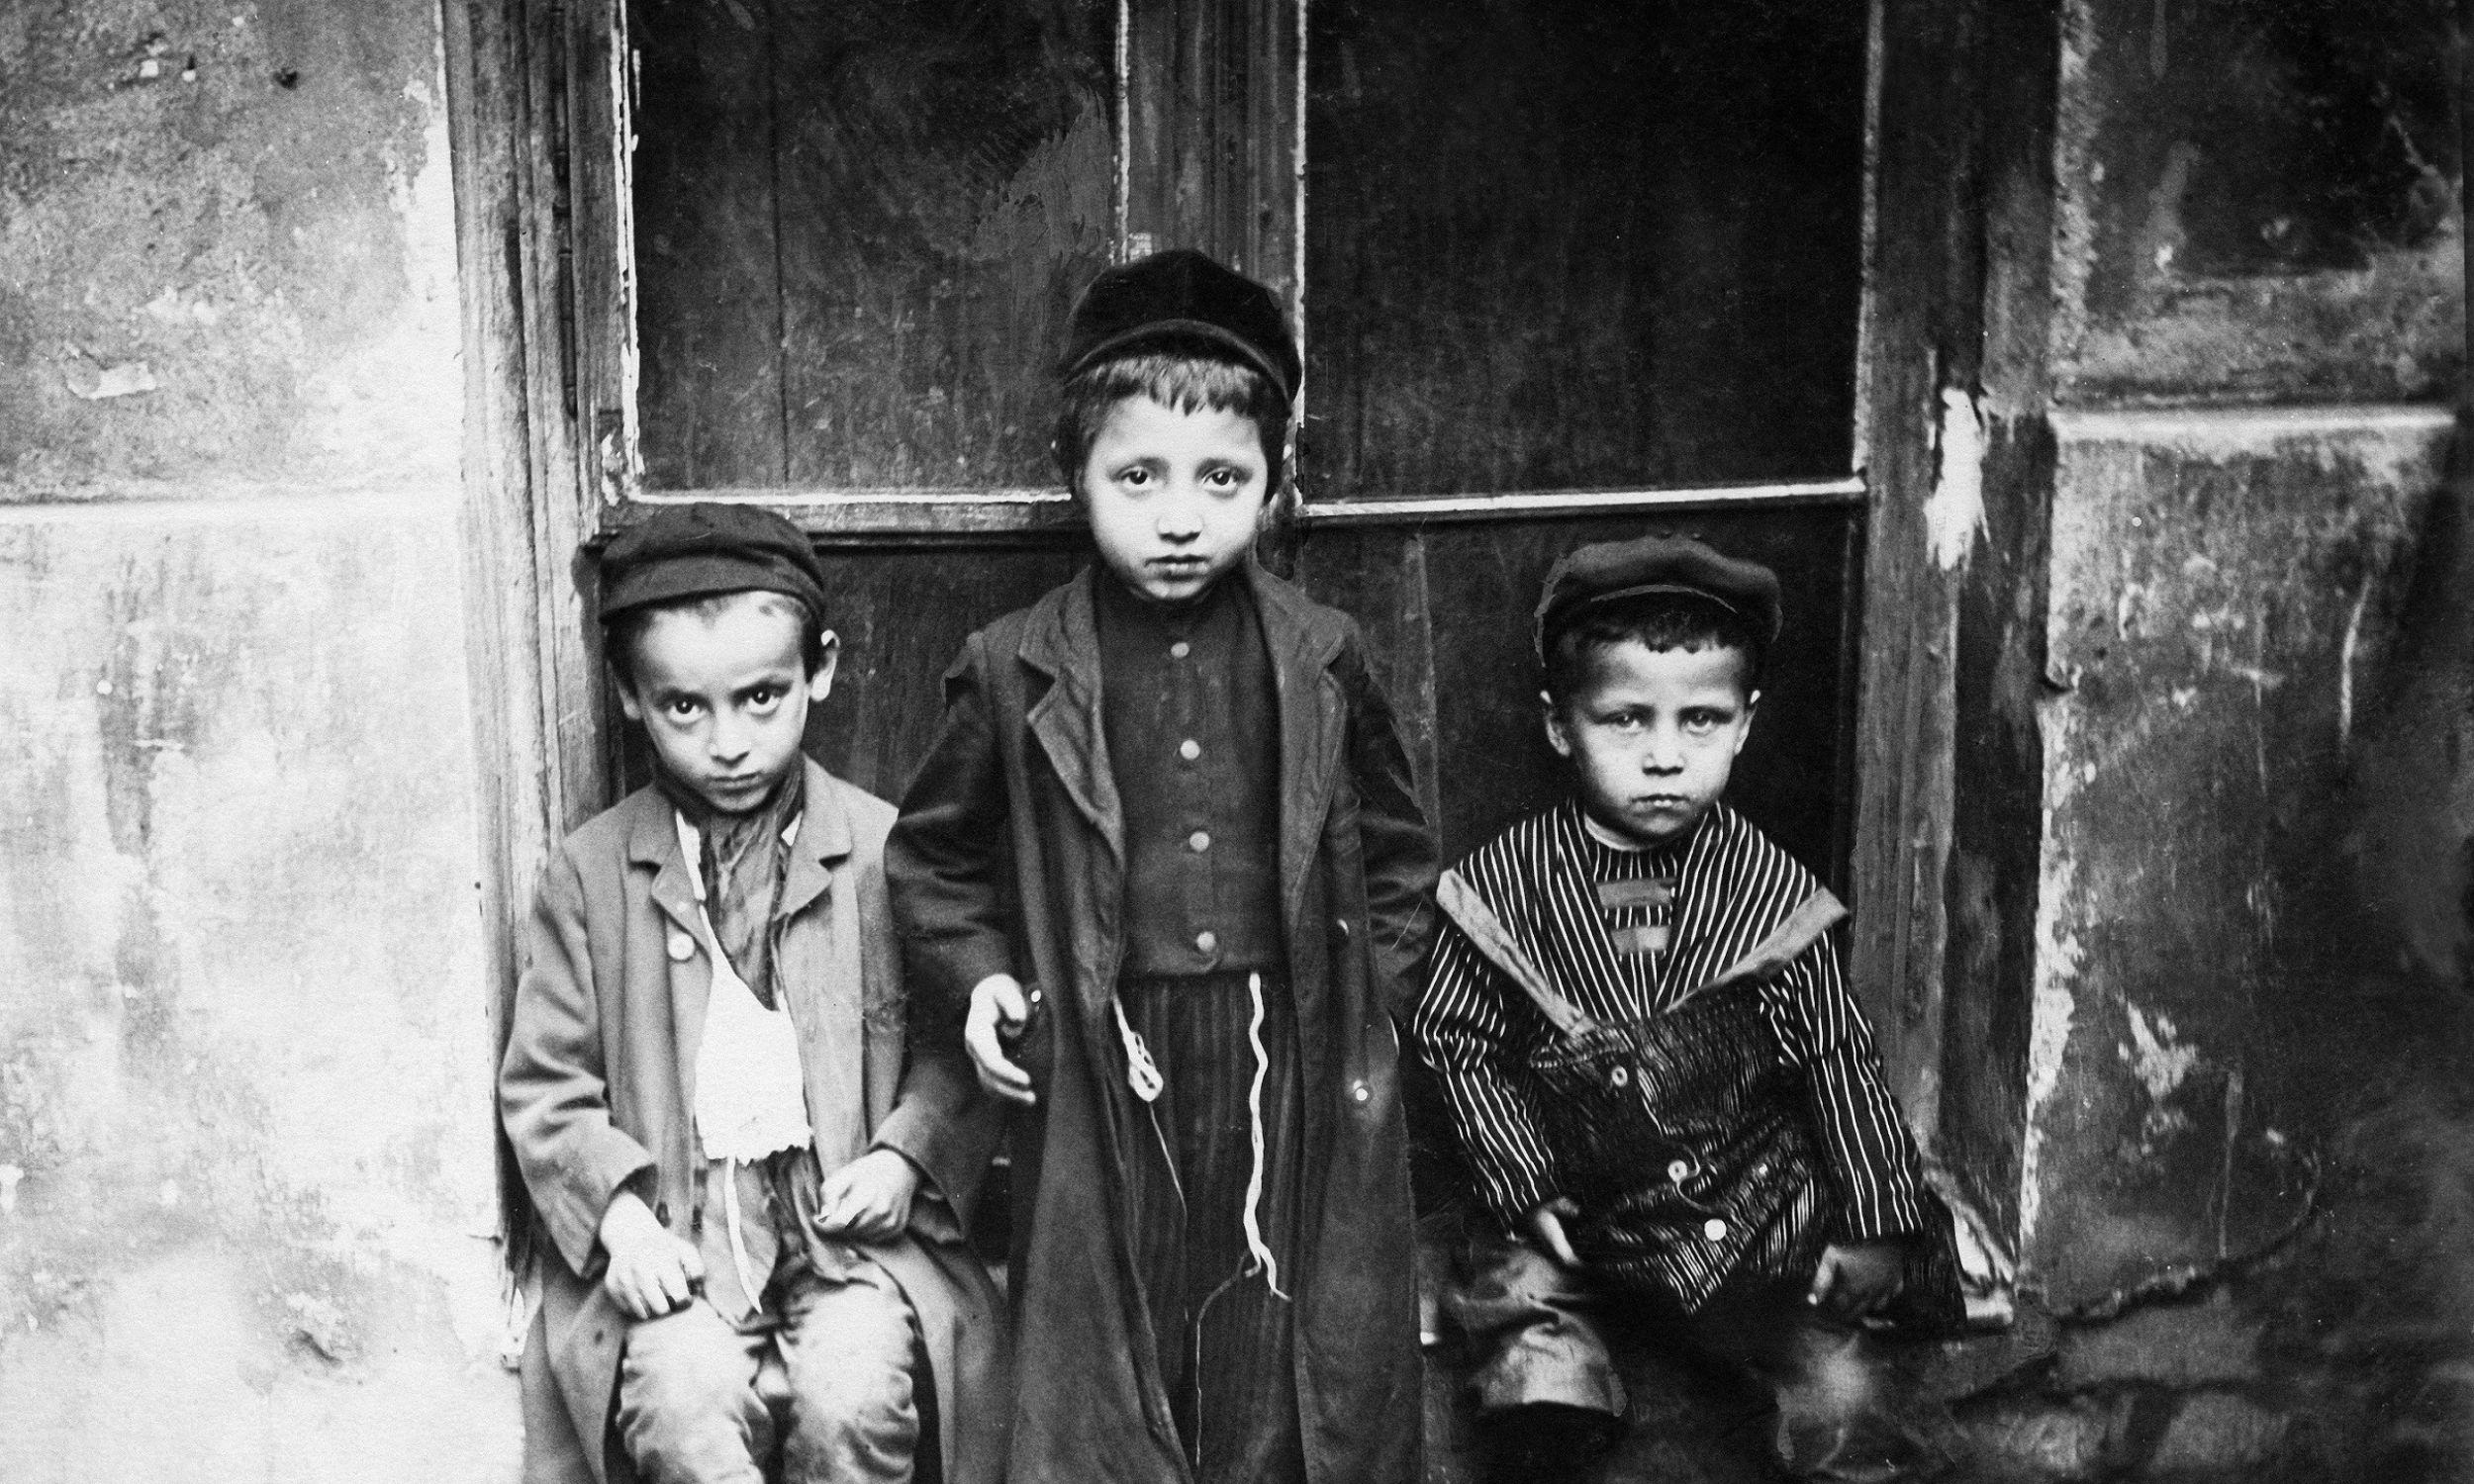 Dzieci żydowskie w Warszawie - około 1906 r. Fot. Ullstein bild / ullstein bild via Getty Images